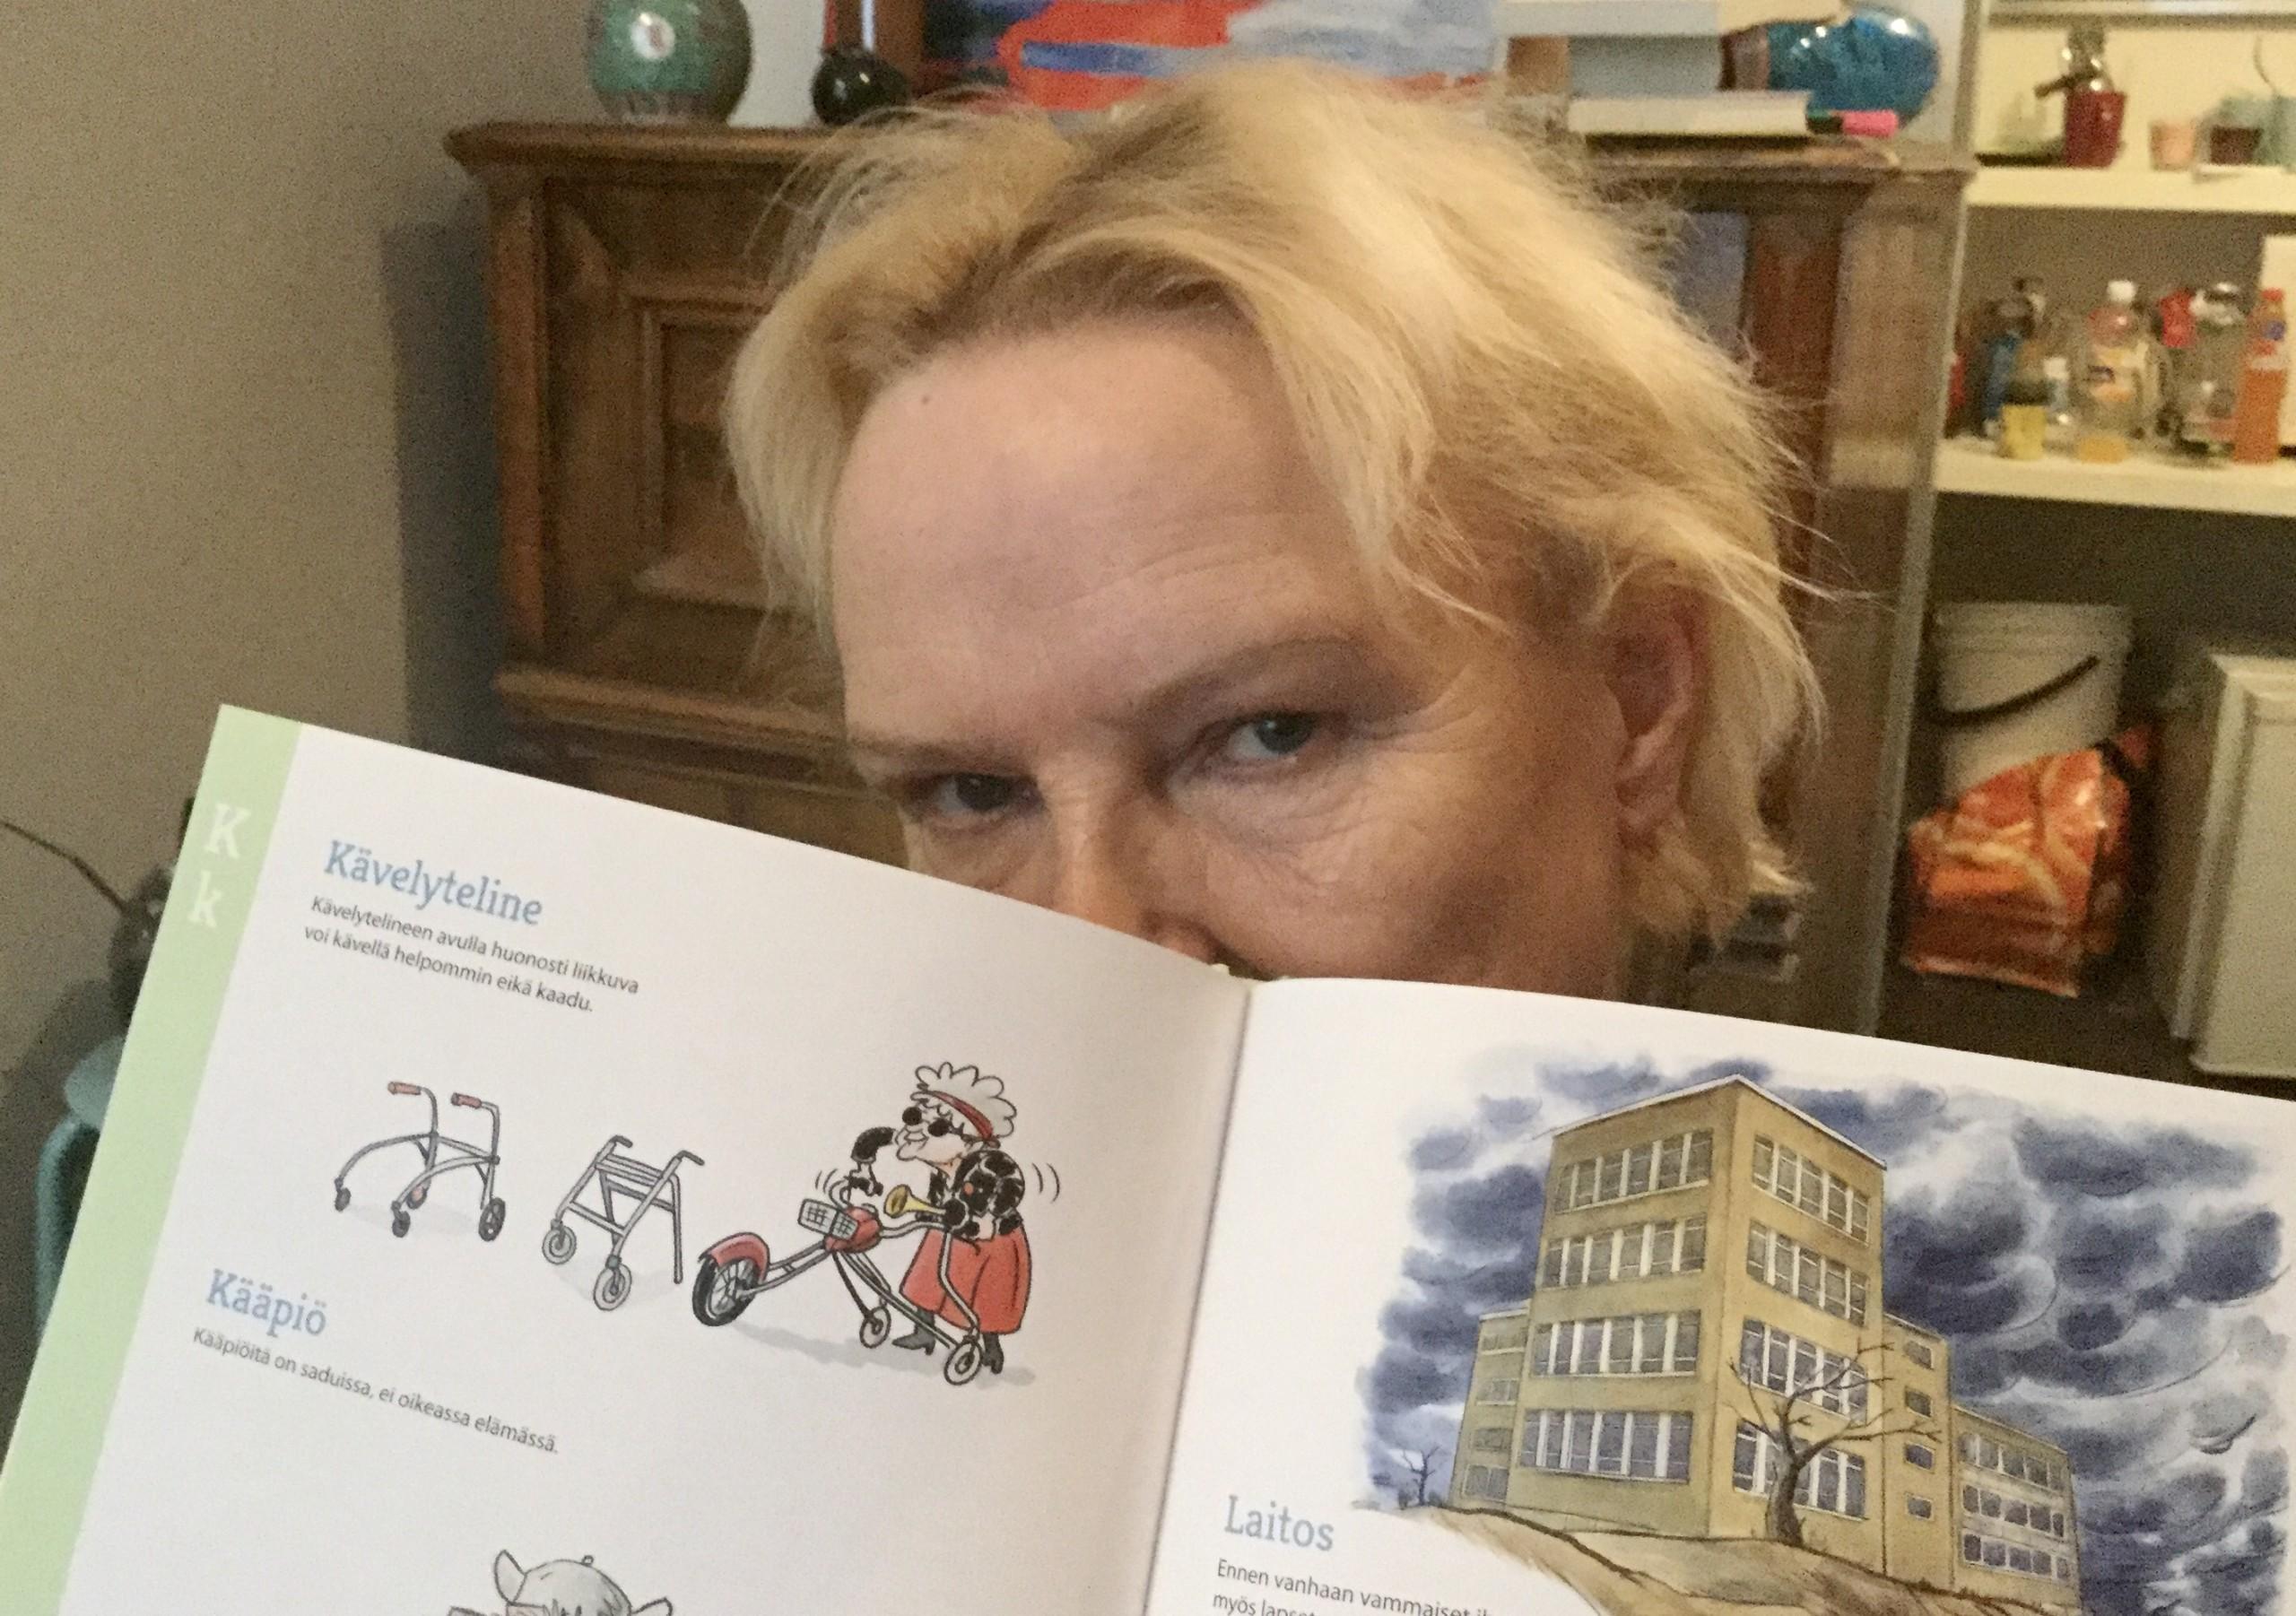 Nainen, jolla on vakava ilme, piilottaa kasvonsa puolittain avatun kirjan taakse. Kirjassa kerrotaan humoristisesti vammaistermeistä.